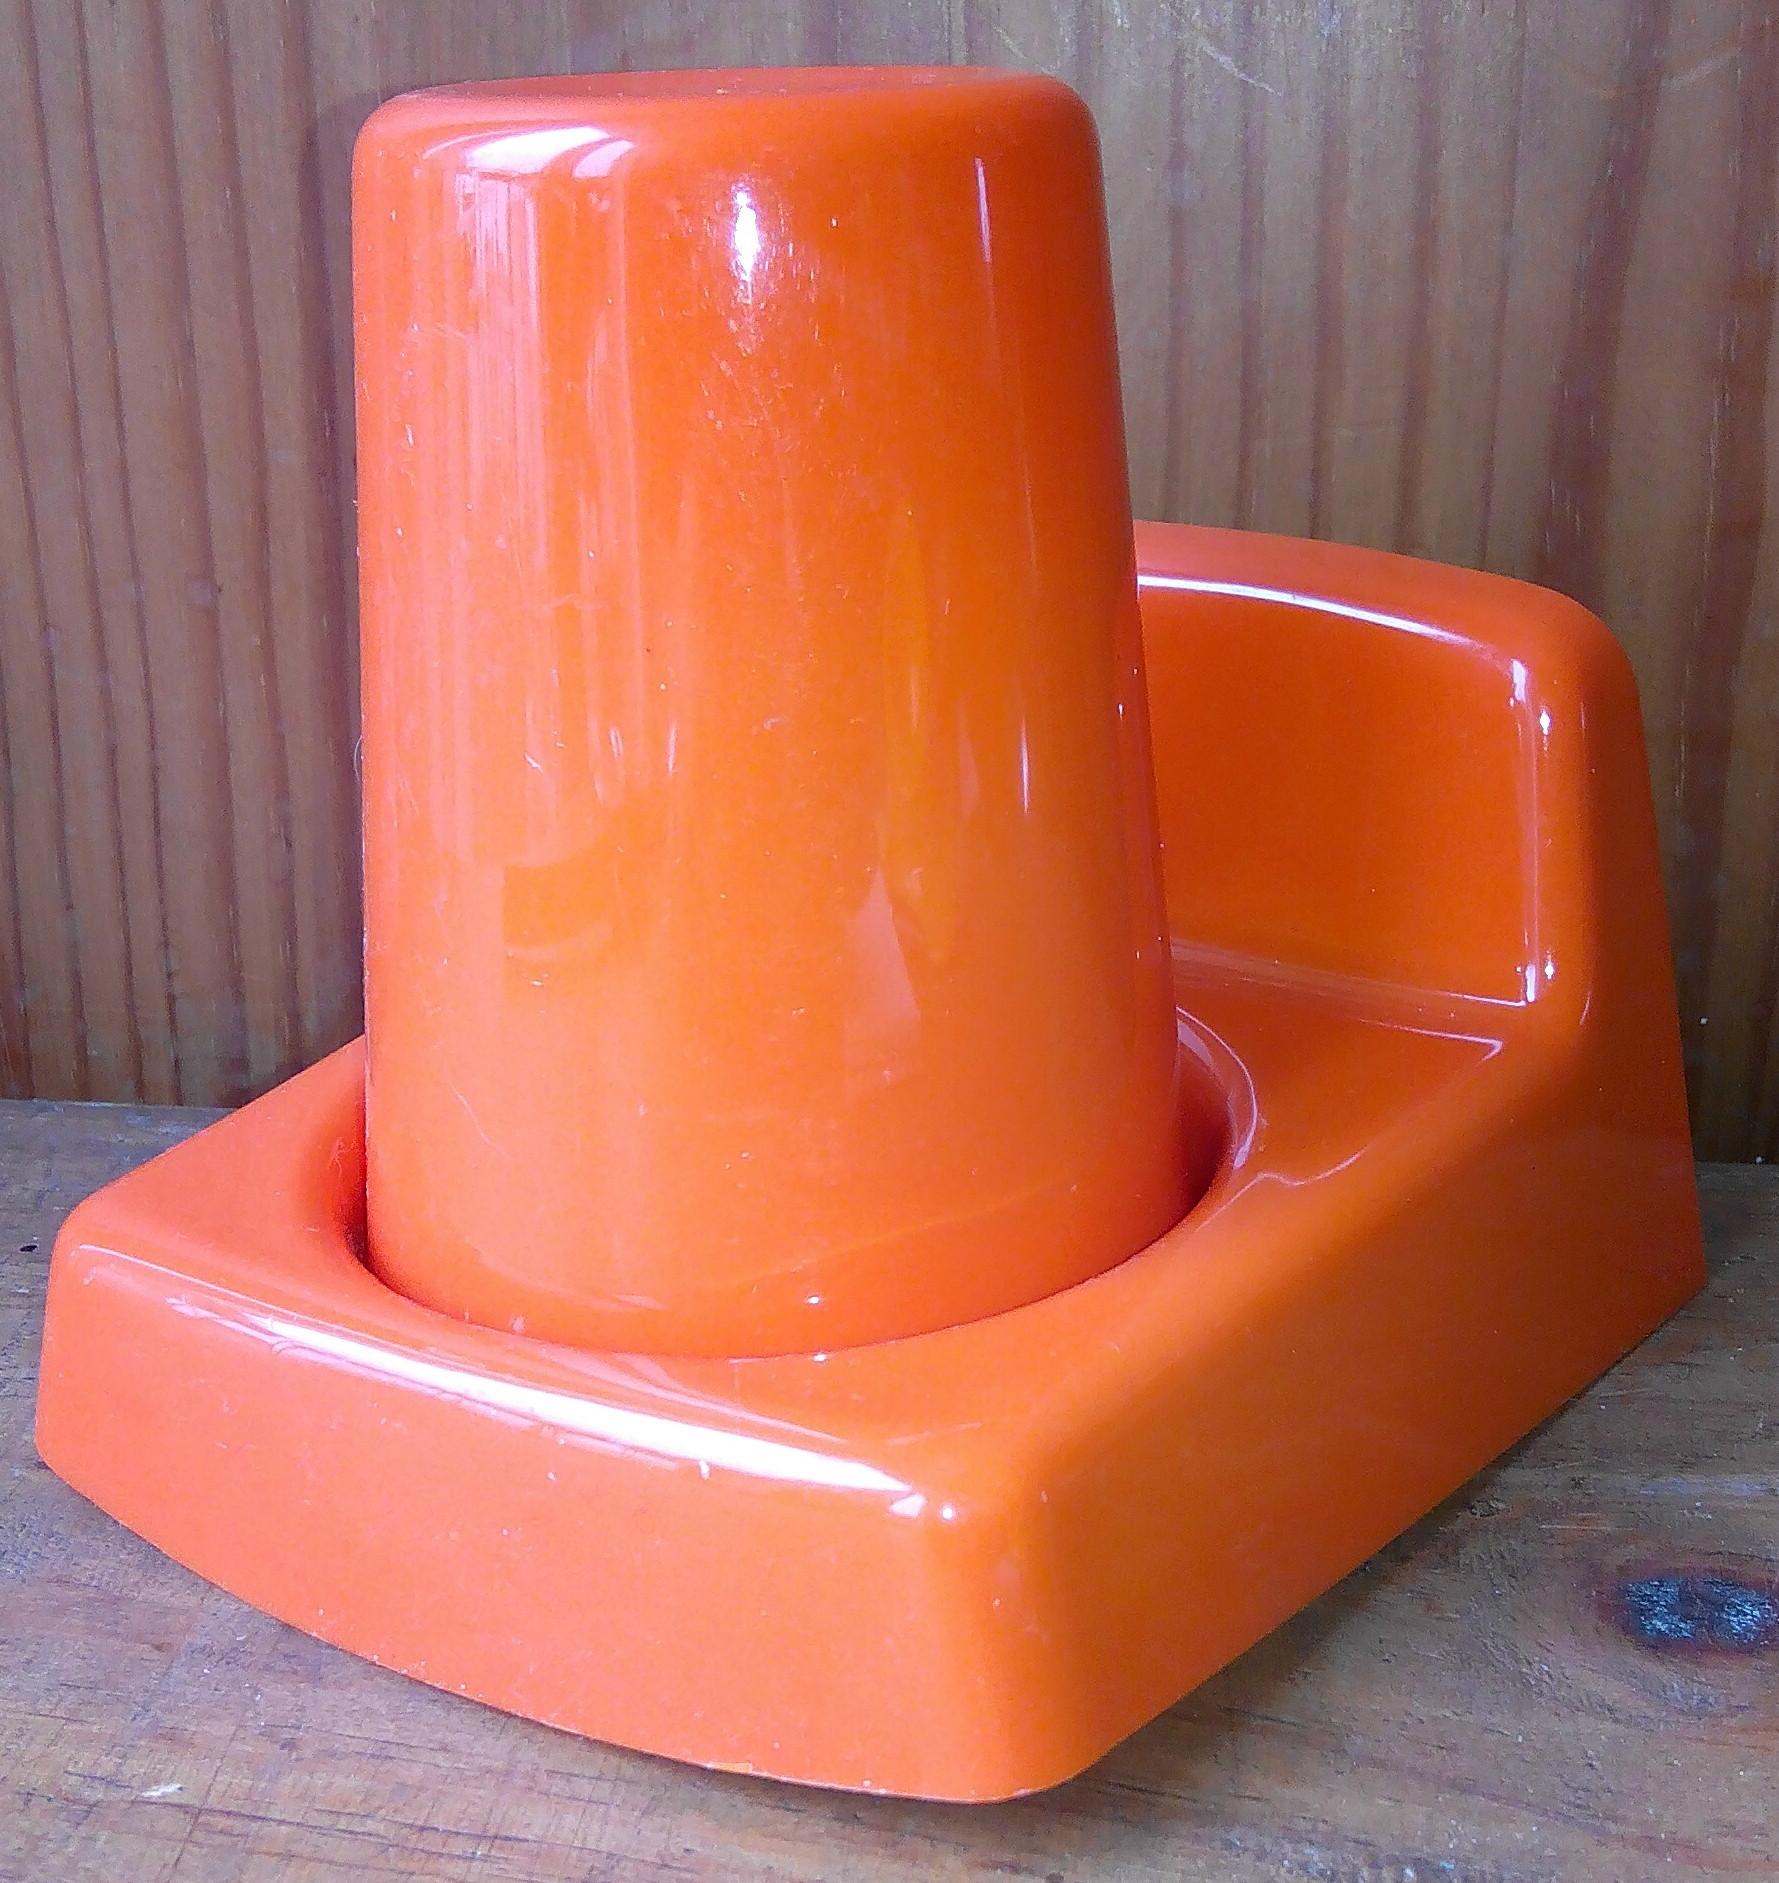 Gobelet de Salle de Bain mural Orange, Années : 70 - Les Vieilles Choses